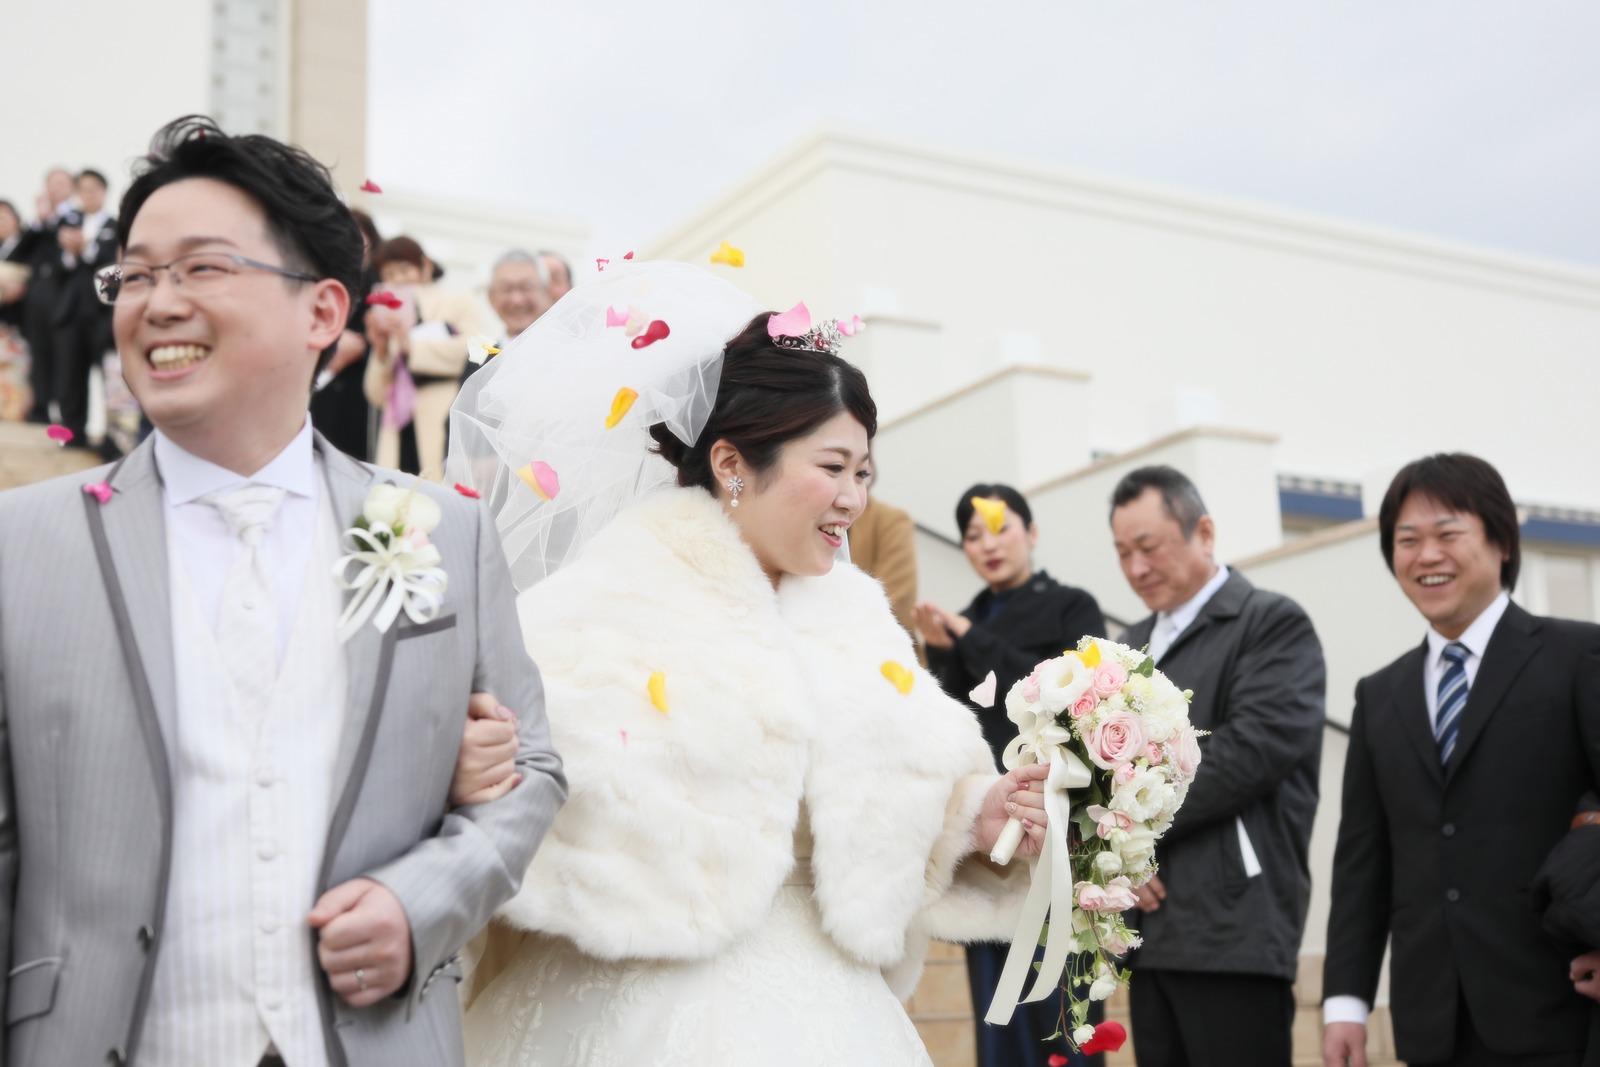 徳島県の結婚式場ブランアンジュでゲストから祝福され笑顔の新郎新婦